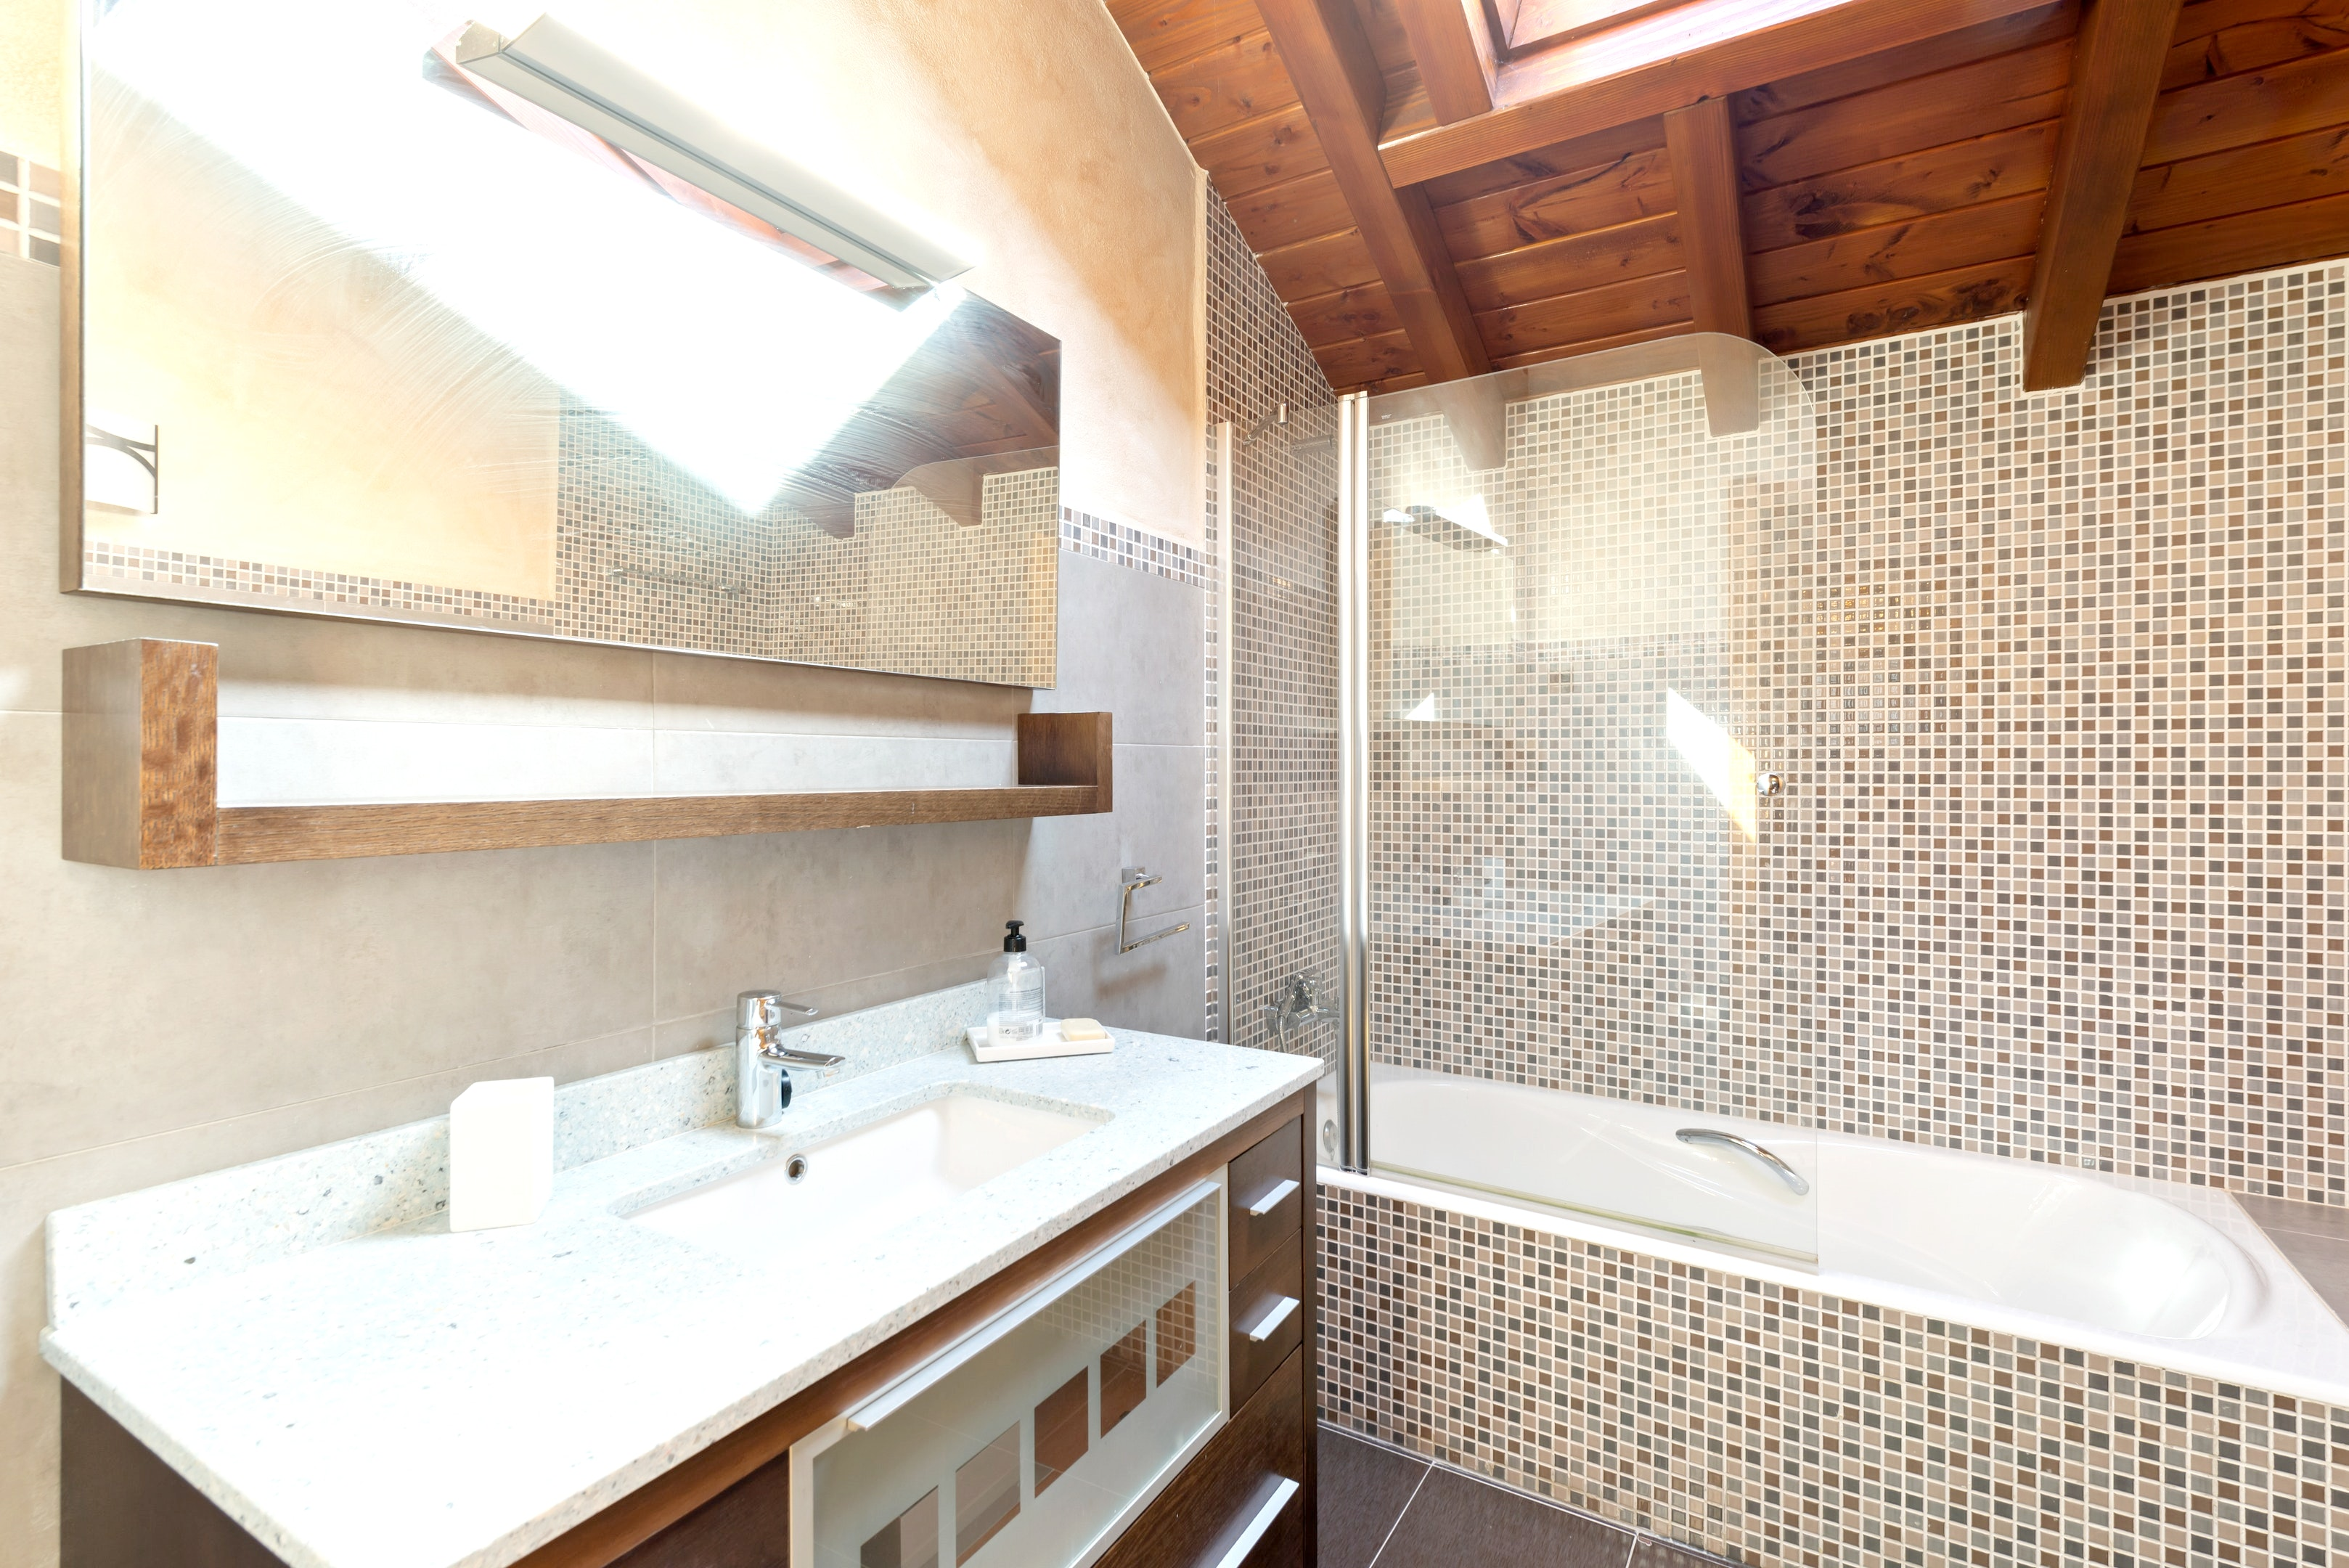 Ferienhaus Villa mit 6 Schlafzimmern in Bizkaia mit privatem Pool und möblierter Terrasse (2519370), Dima, Bizkaia, Baskenland, Spanien, Bild 20